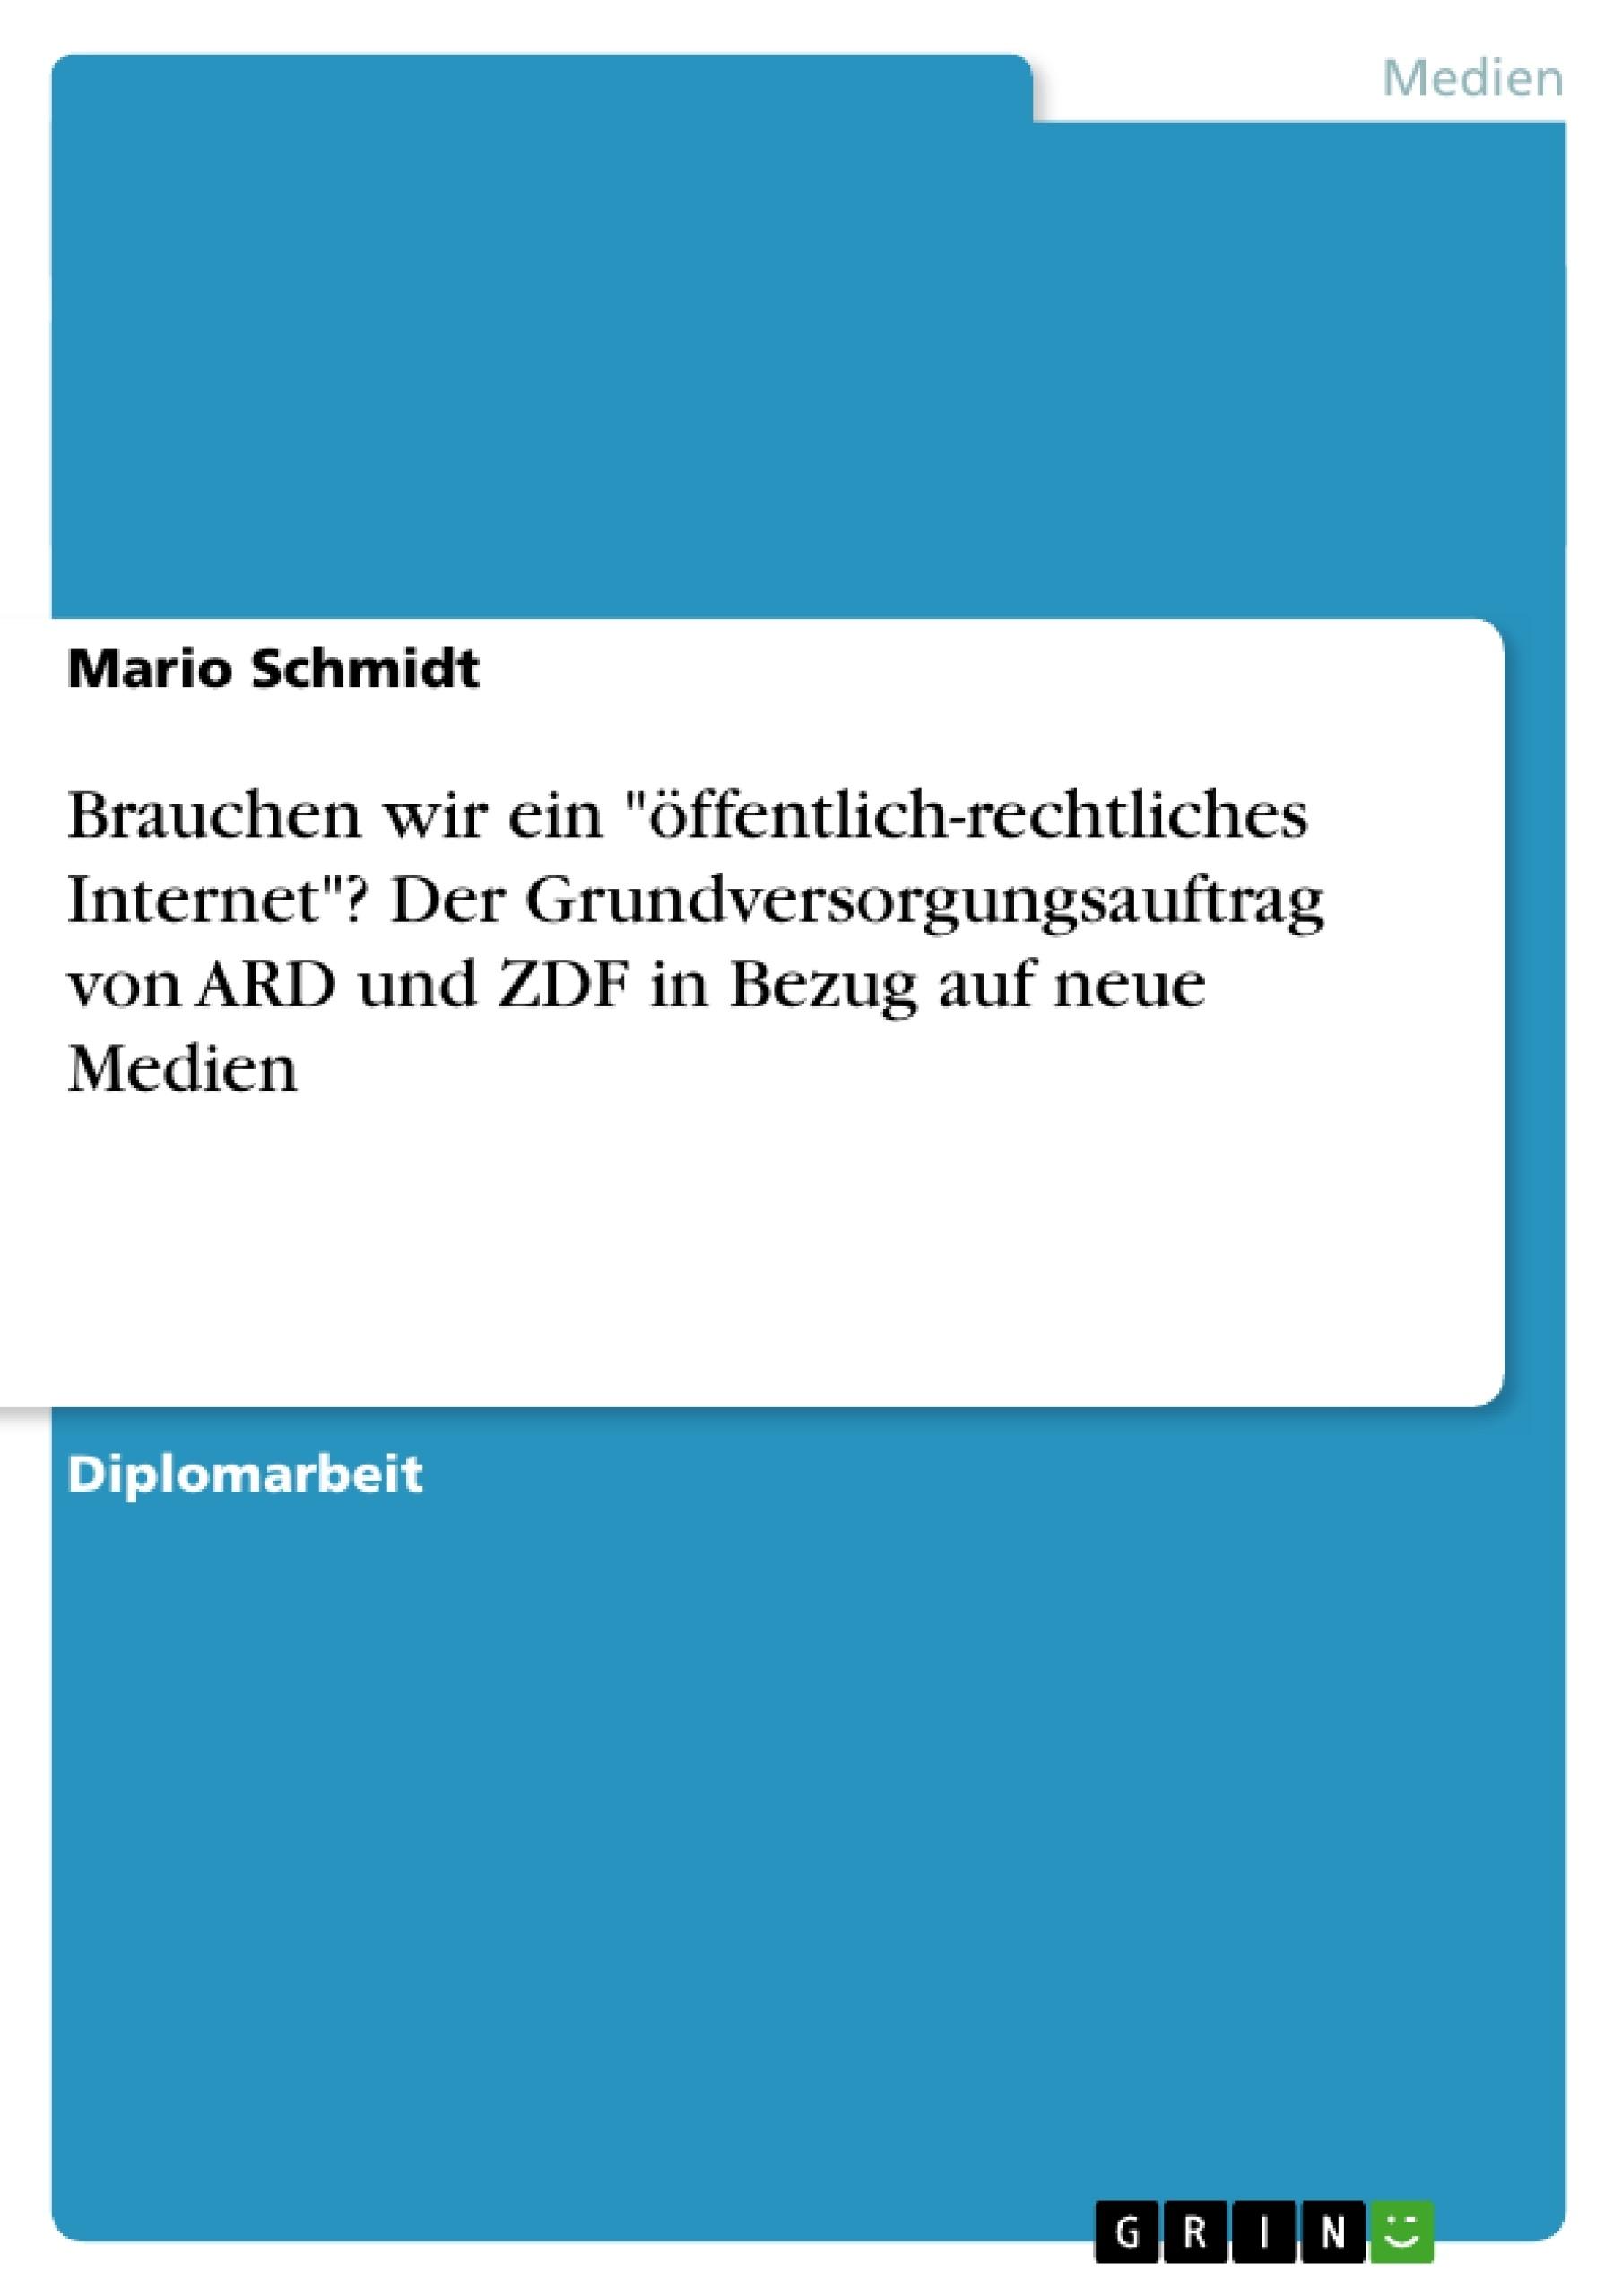 """Titel: Brauchen wir ein """"öffentlich-rechtliches Internet""""? Der Grundversorgungsauftrag von ARD und ZDF in Bezug auf neue Medien"""